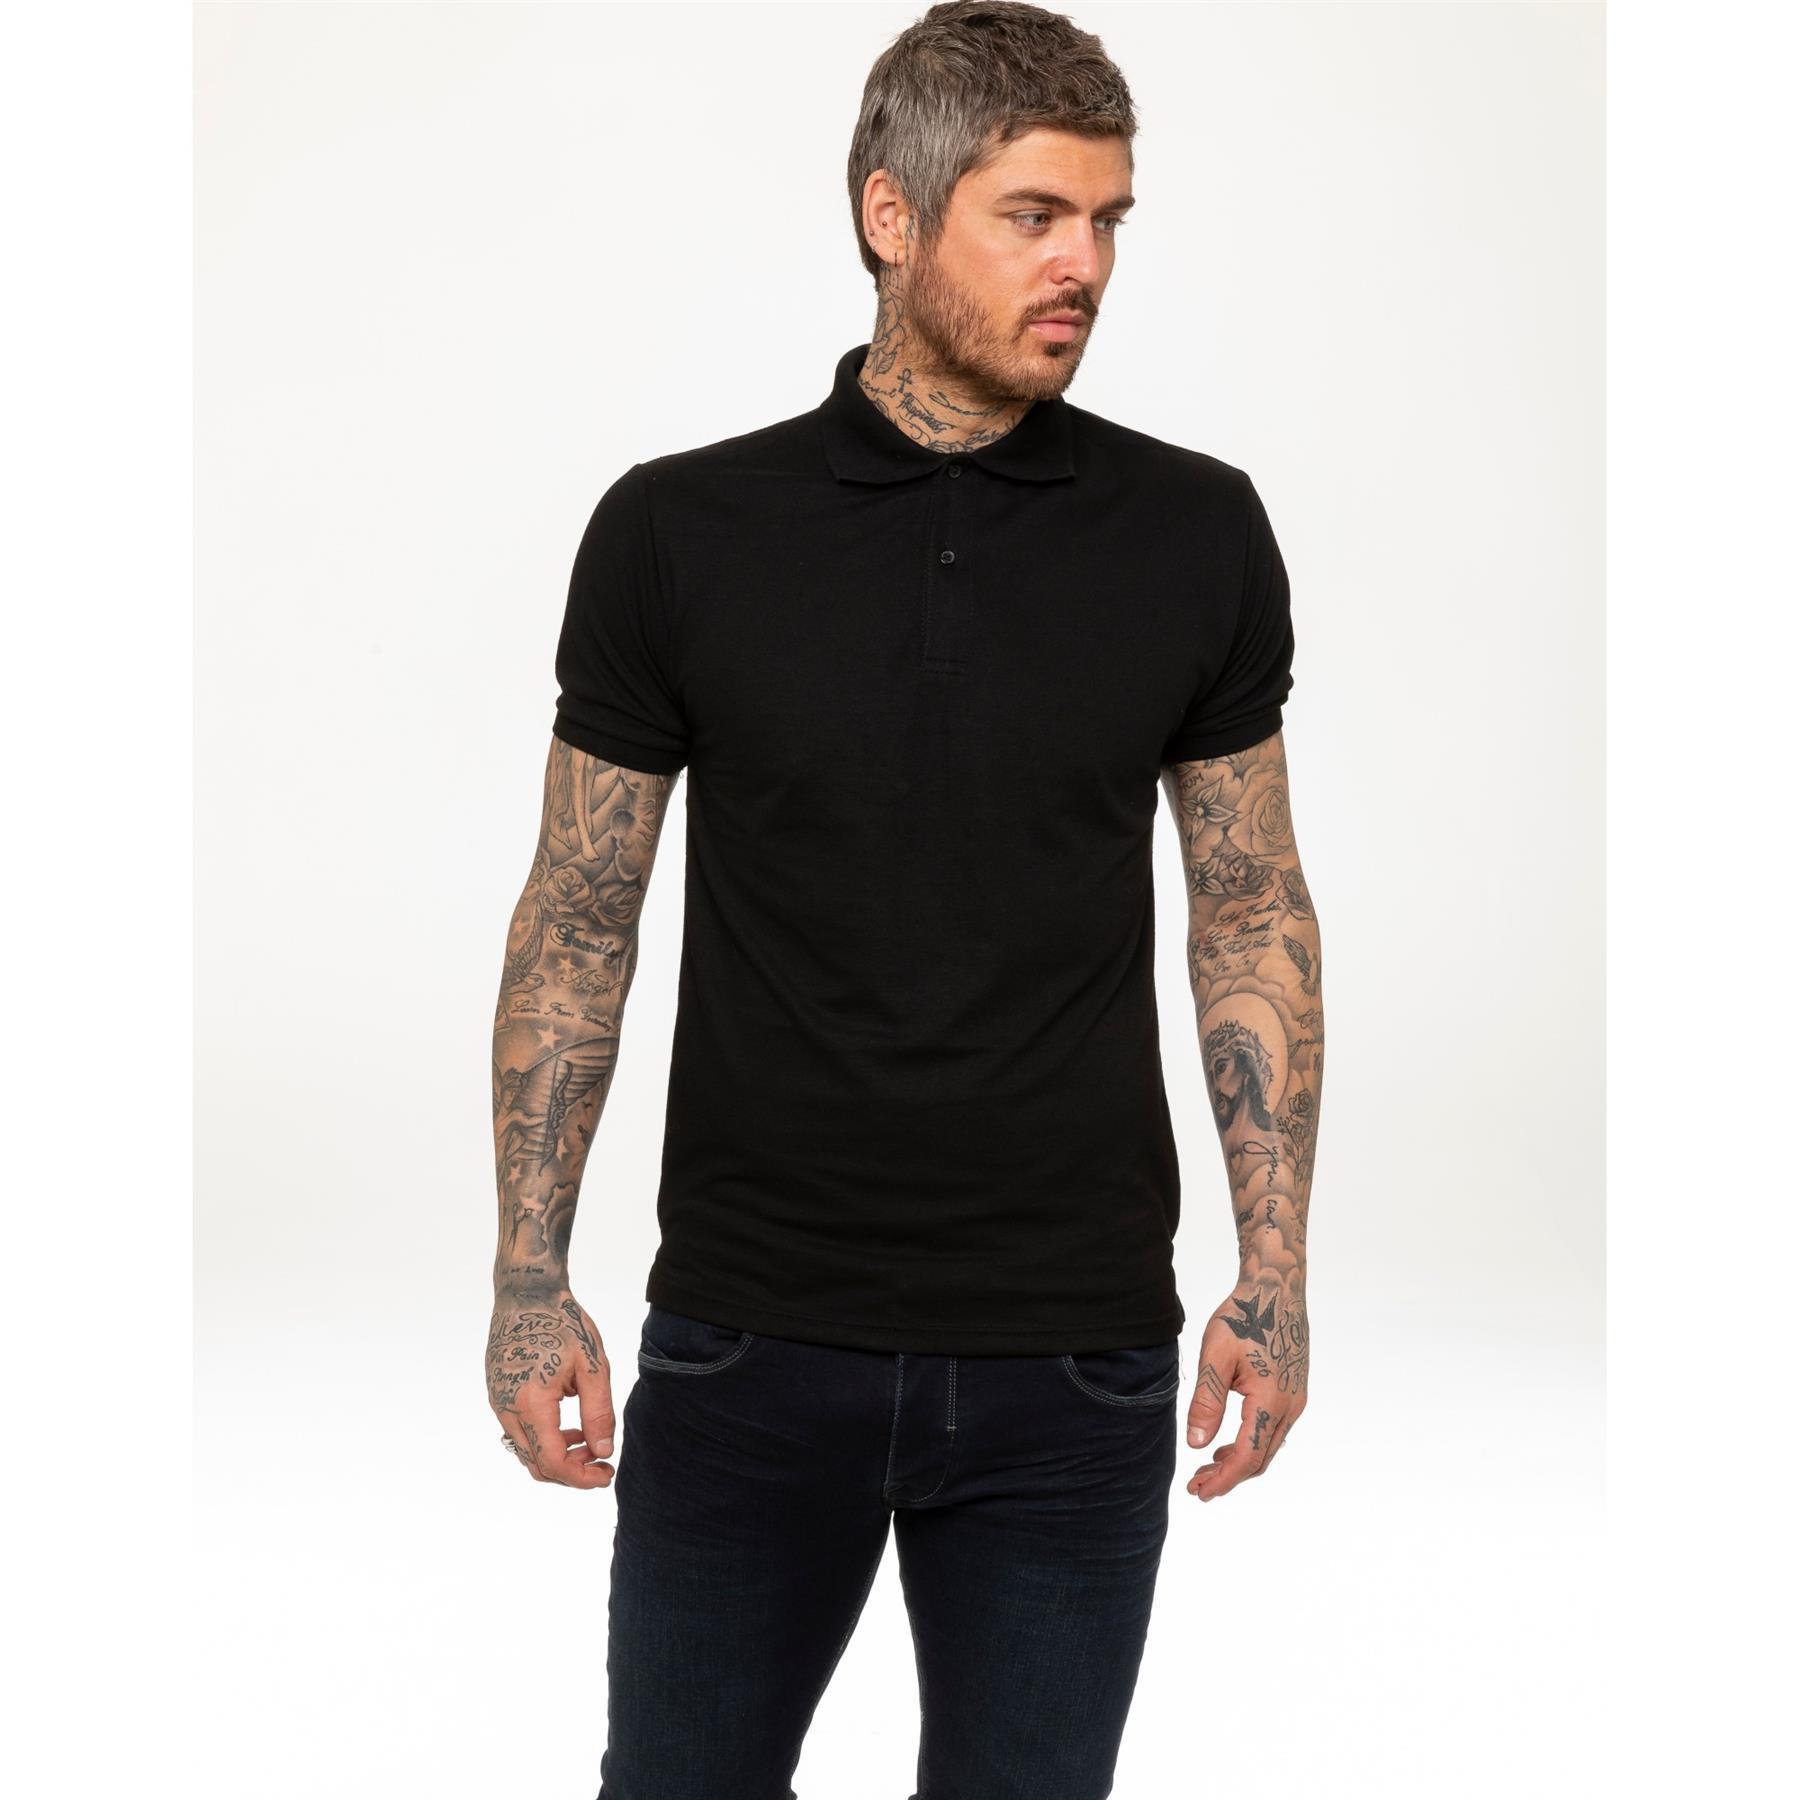 Indexbild 2 - Herren Polohemd Freizeit T-Shirts Neu Schlicht Kurzärmeliges Regular Fit